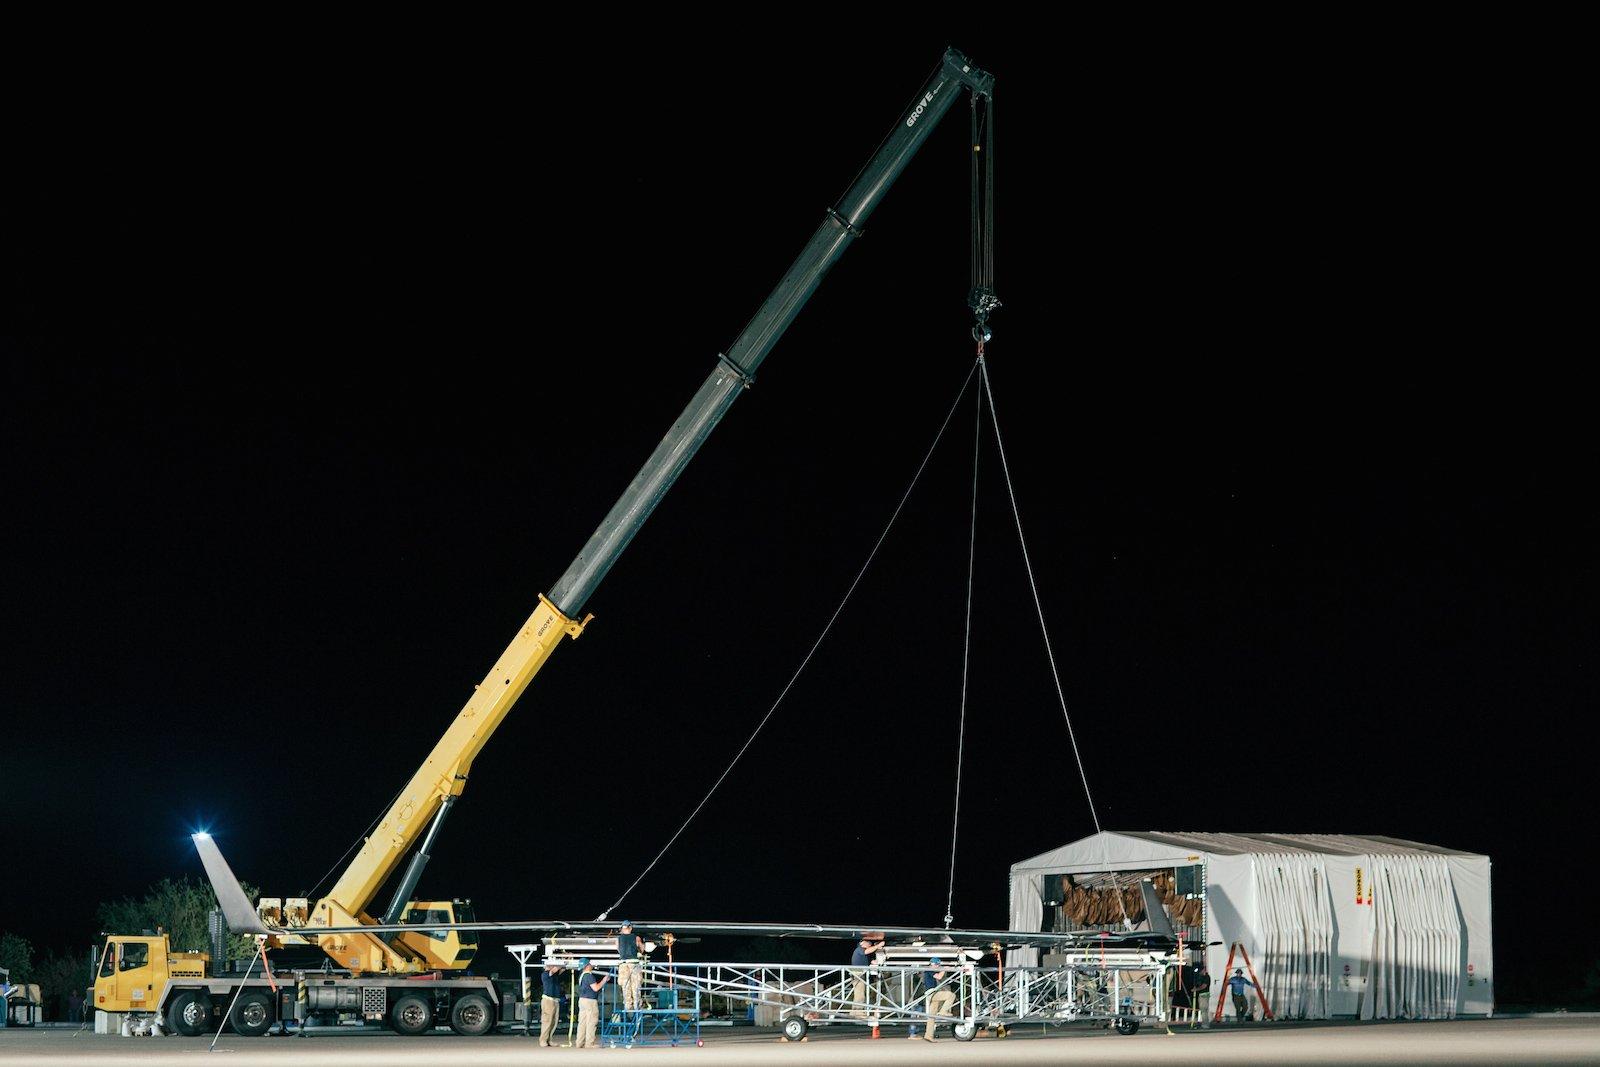 Mitten in der Nacht begannen die Vorbereitungen für den Jungfernflug Aquilas auf einer Millitärbasis in Arizona. Ein Kran hievt die Drohne auf einen Rollwagen.